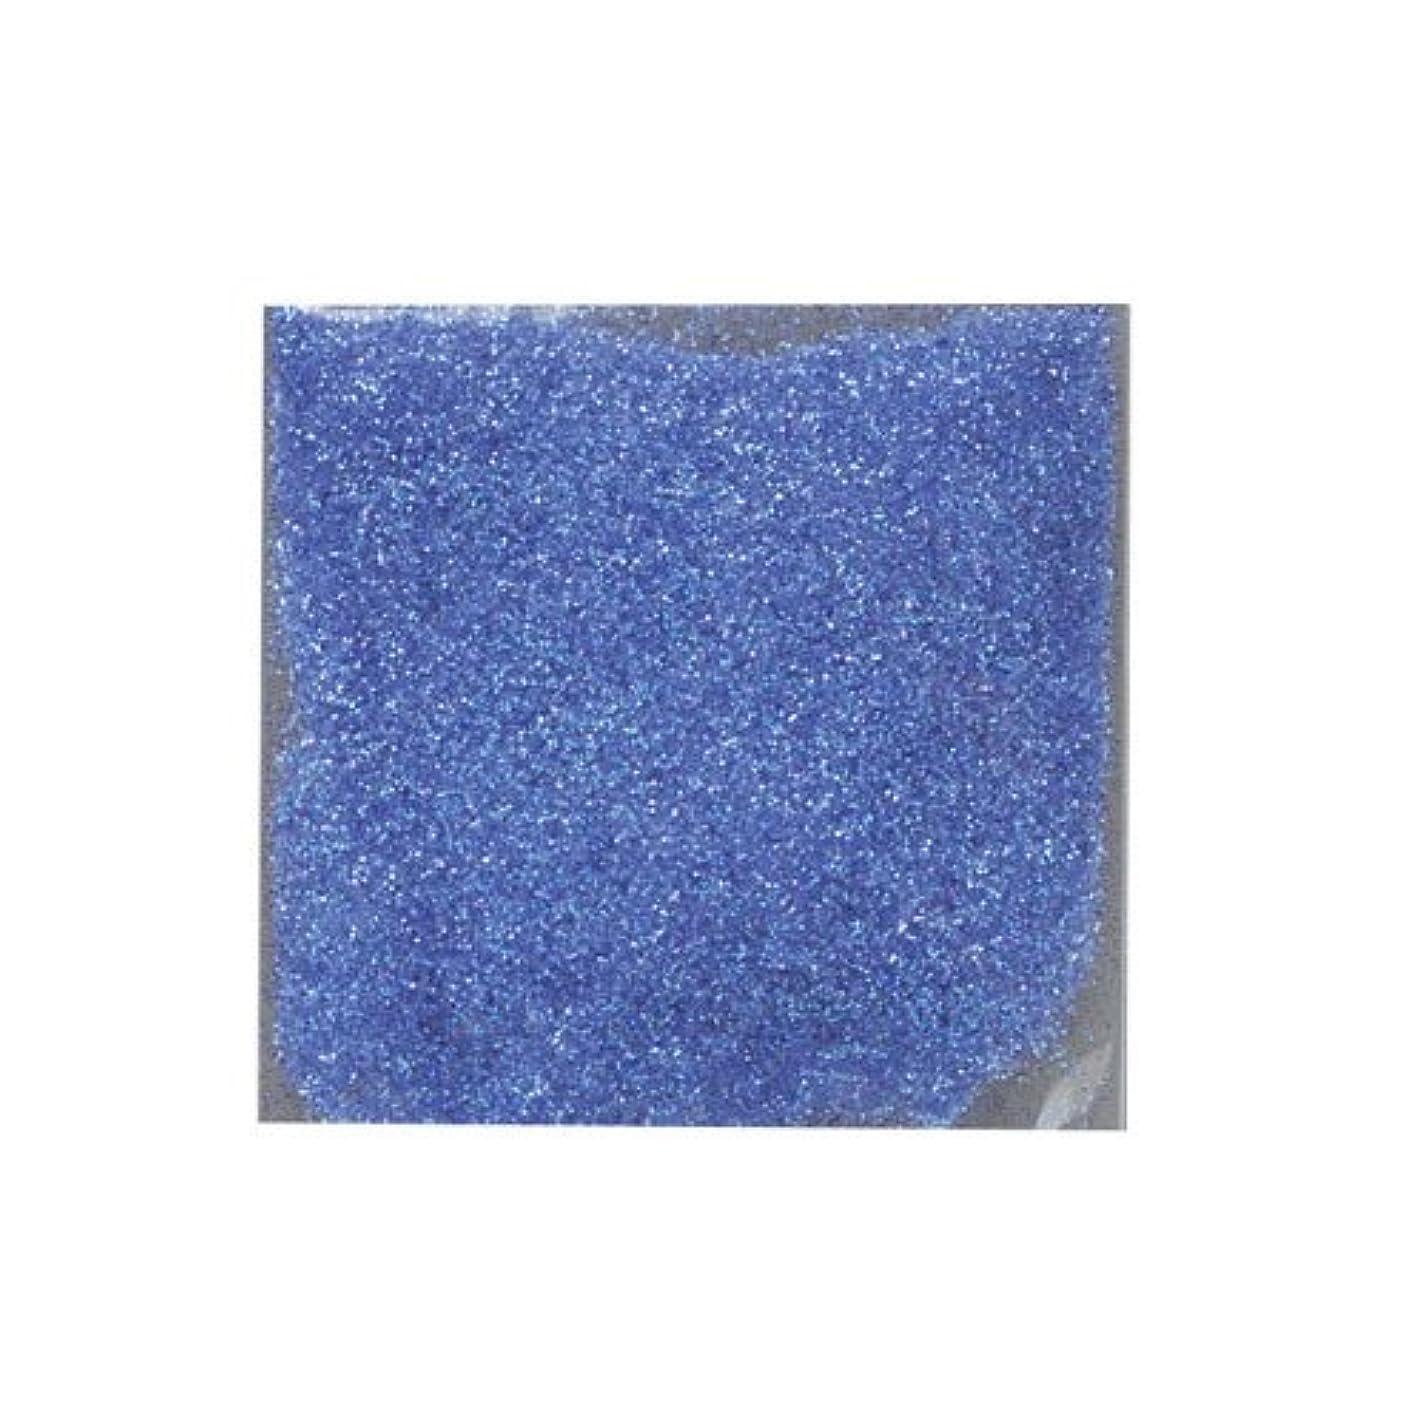 今日昨日仮説ピカエース ネイル用パウダー ラメカラーオーロラB 耐溶剤 S #537 ブルー 0.7g